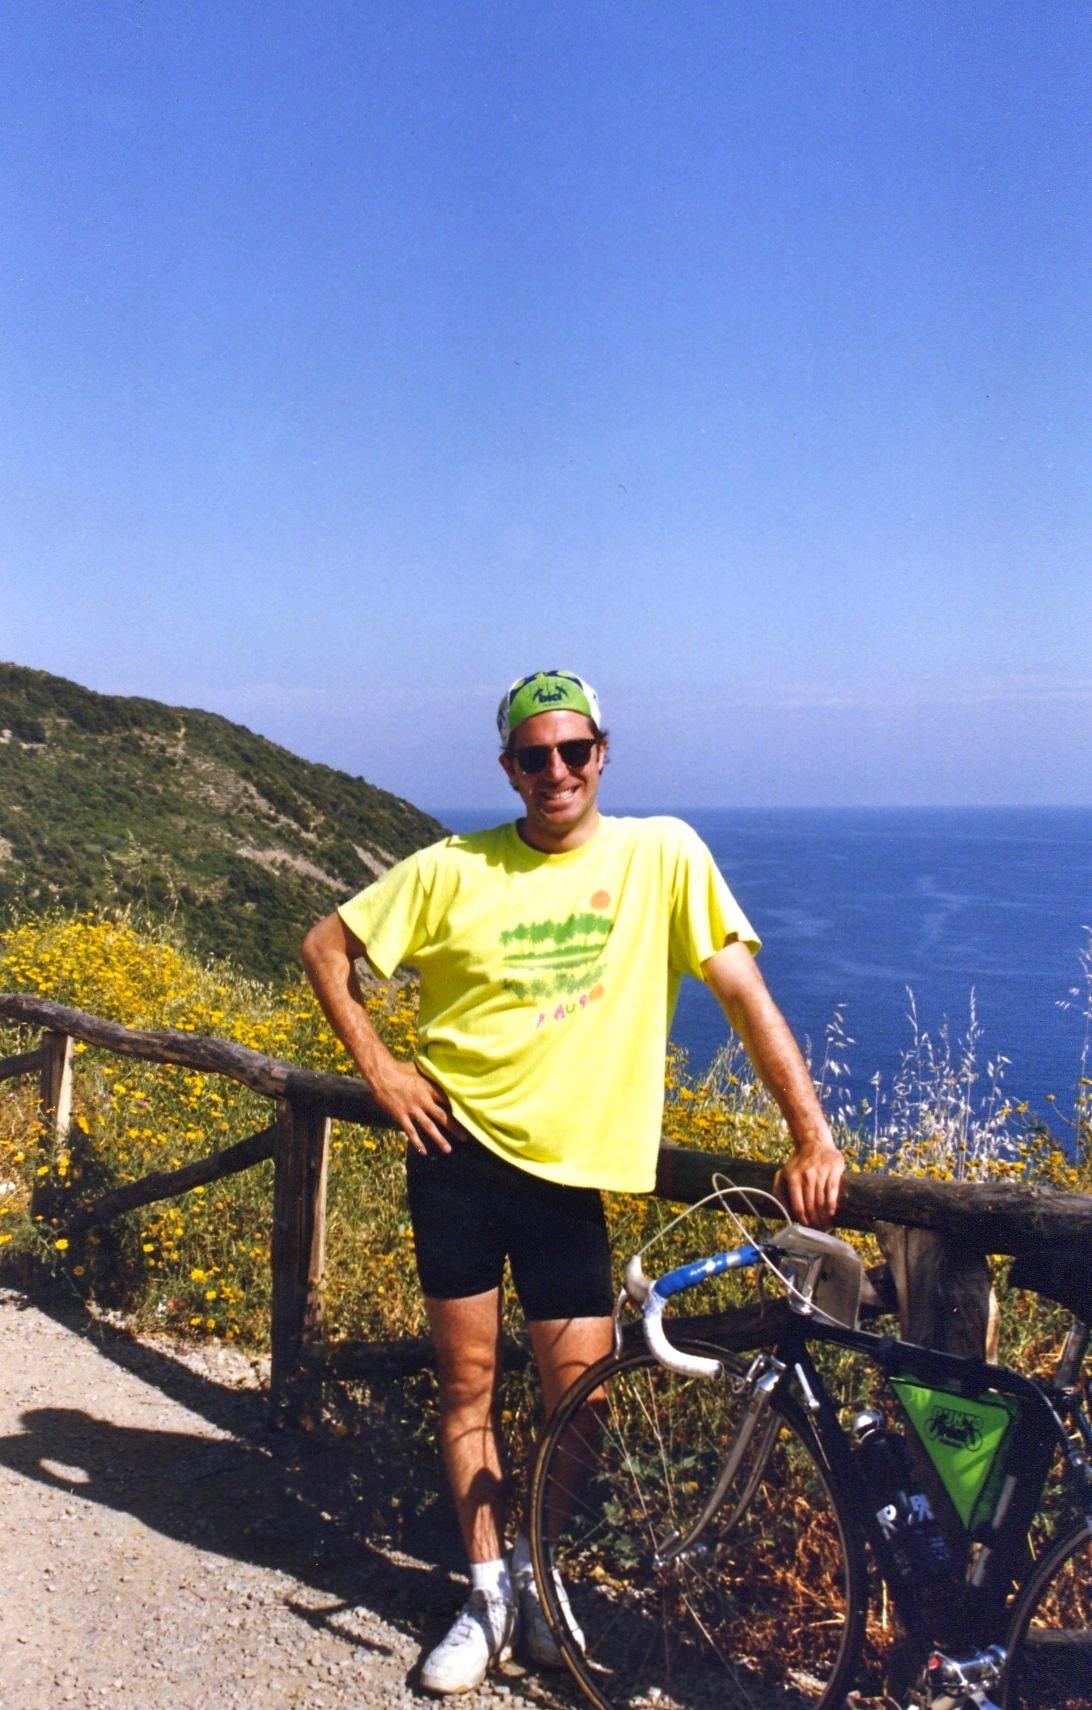 1993 Italy